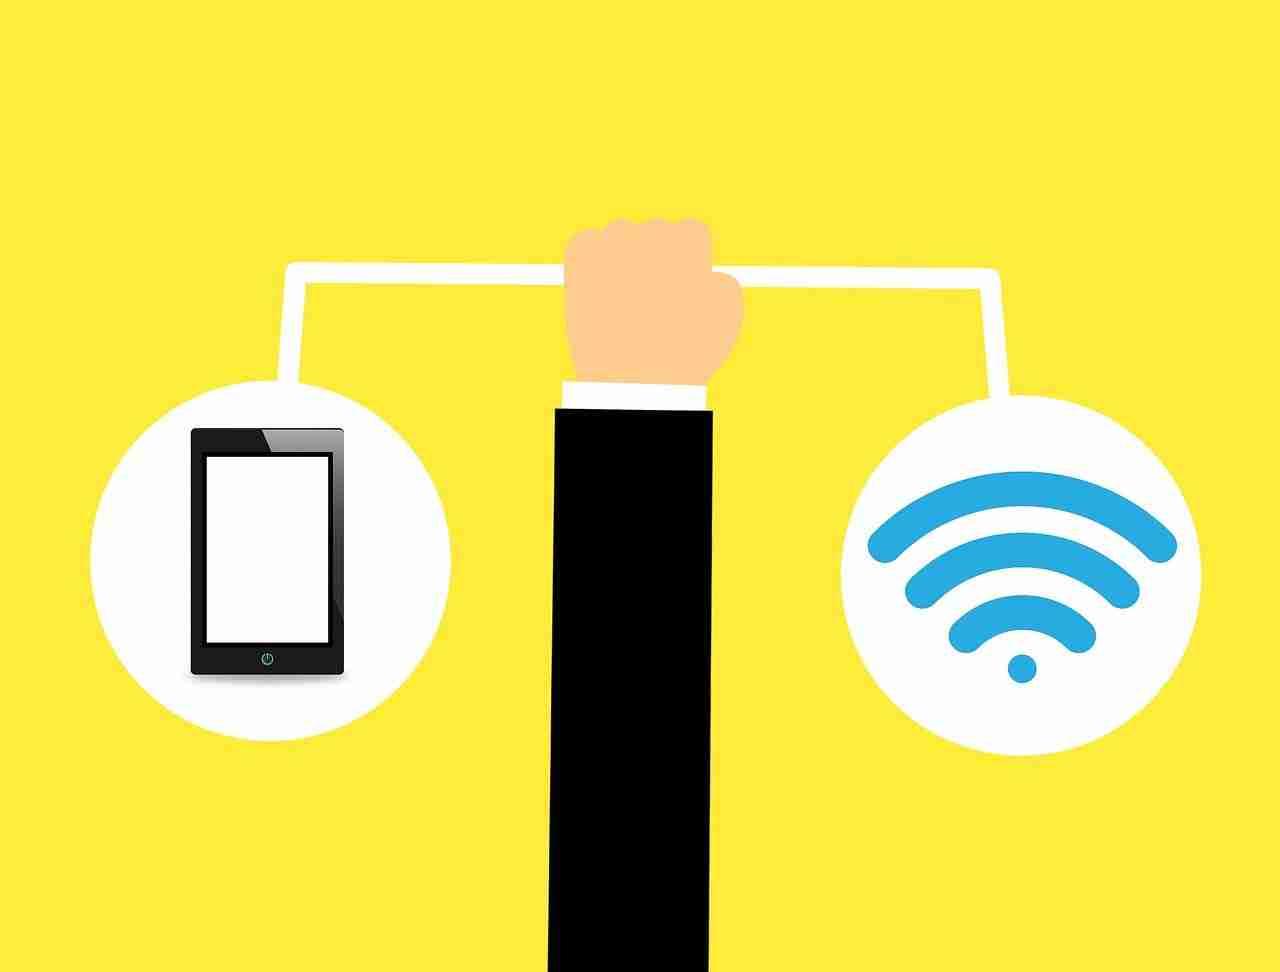 Togliere una connessione automatica wifi